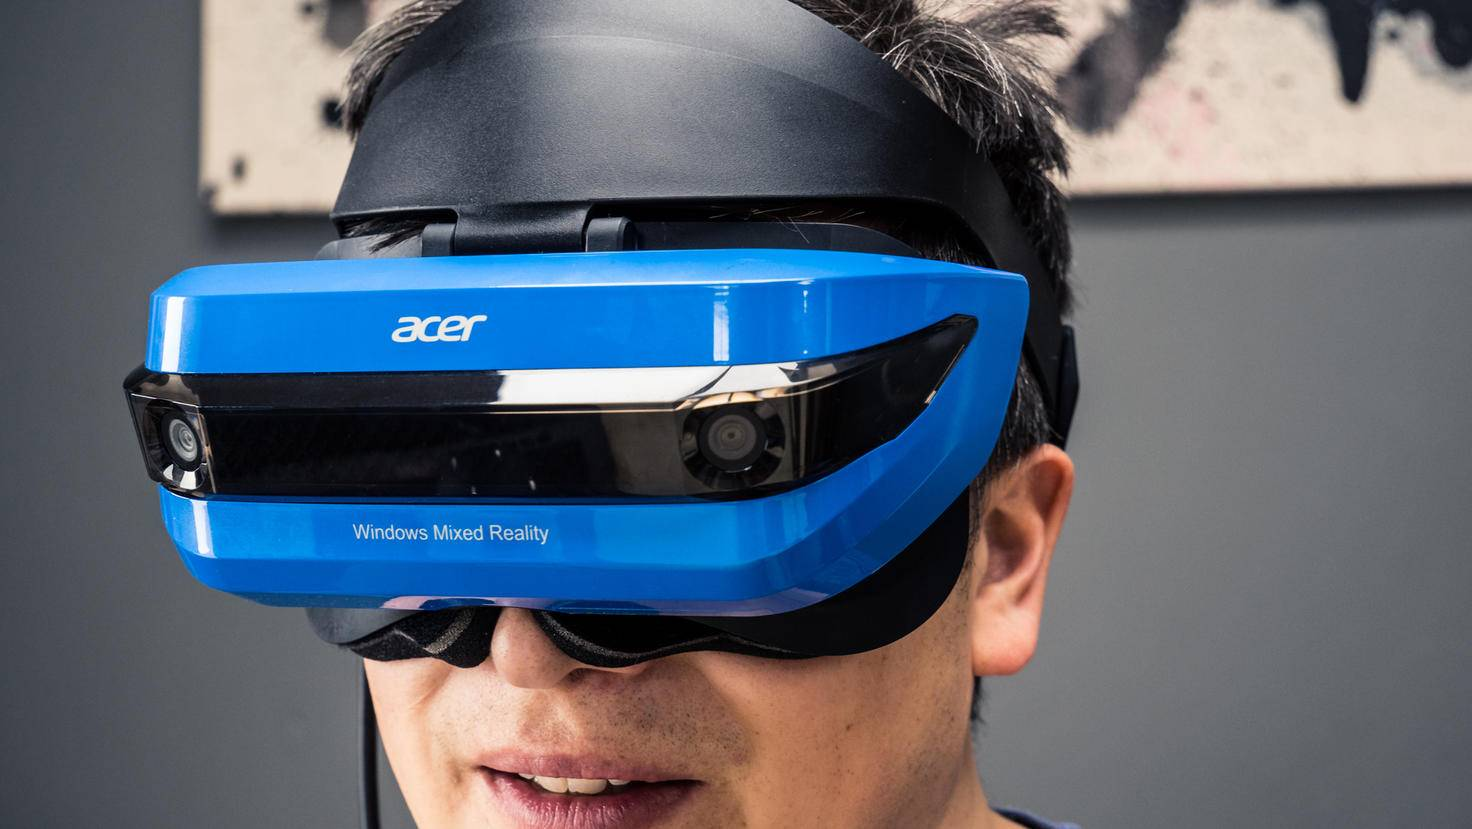 Aufgesetzt wird das Headset wie ein Helm, das Display wird wie ein Visier nach unten geklappt.